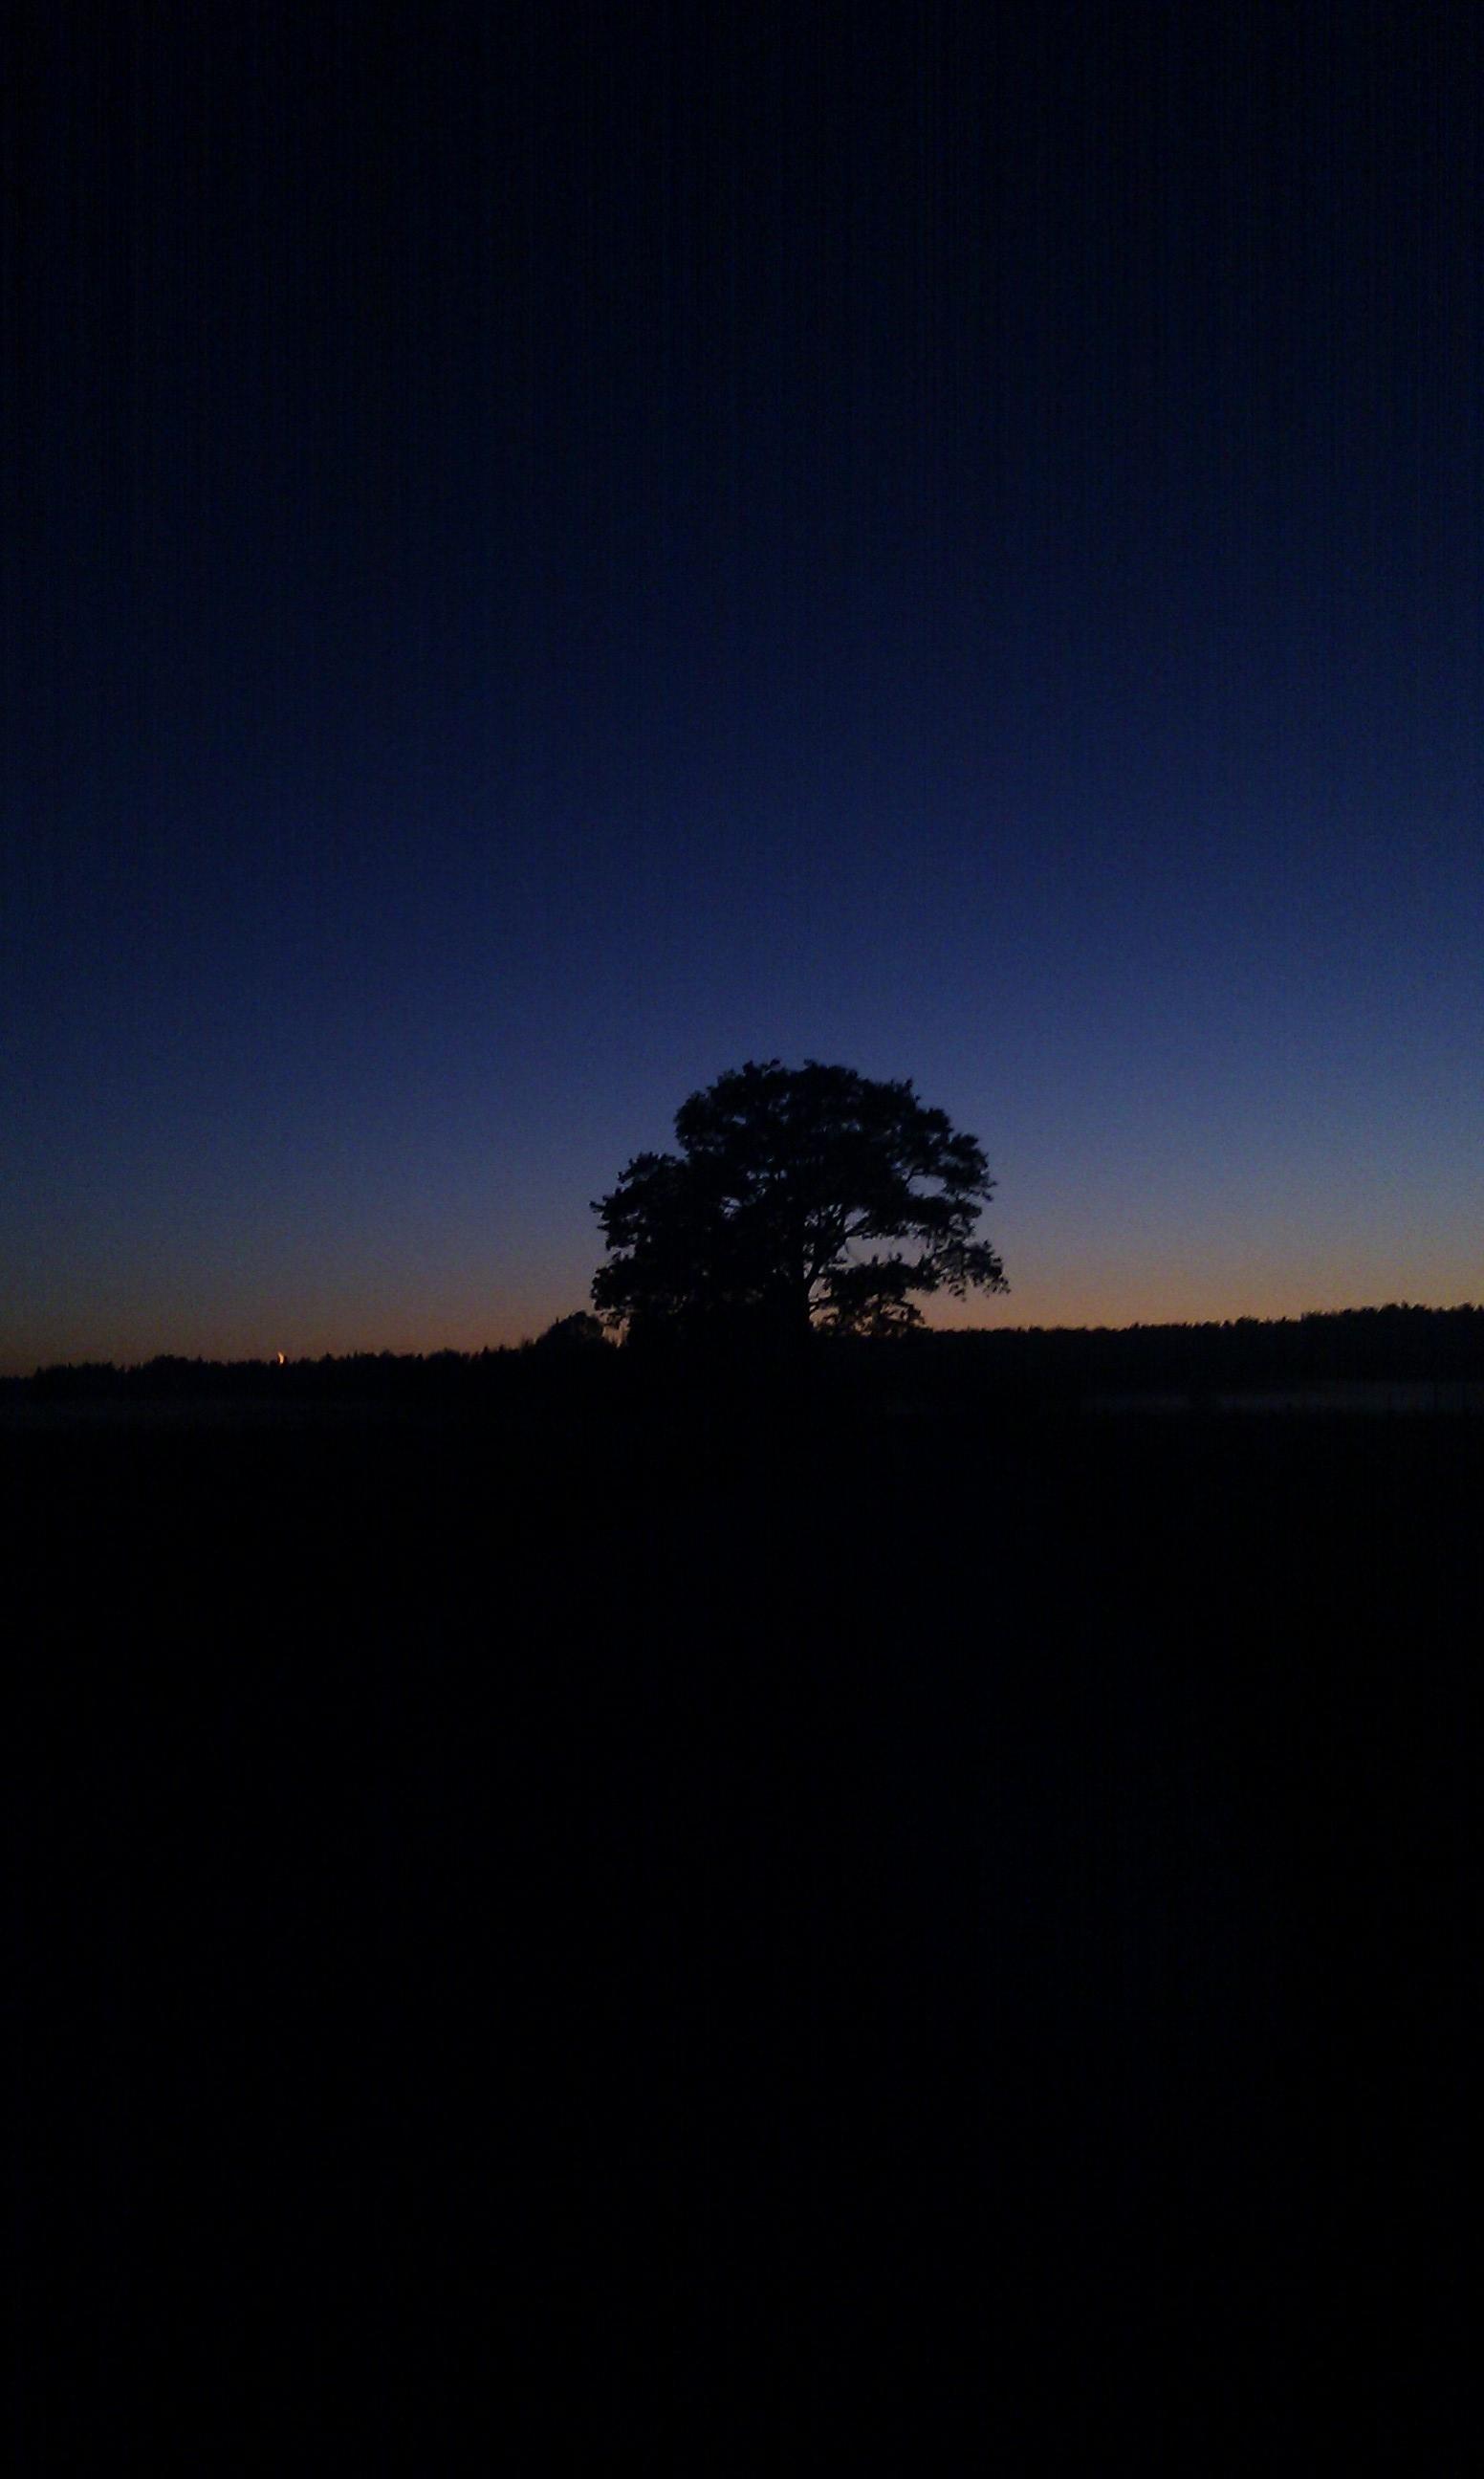 Koks naktī pļavas vidū, ceļa malā.